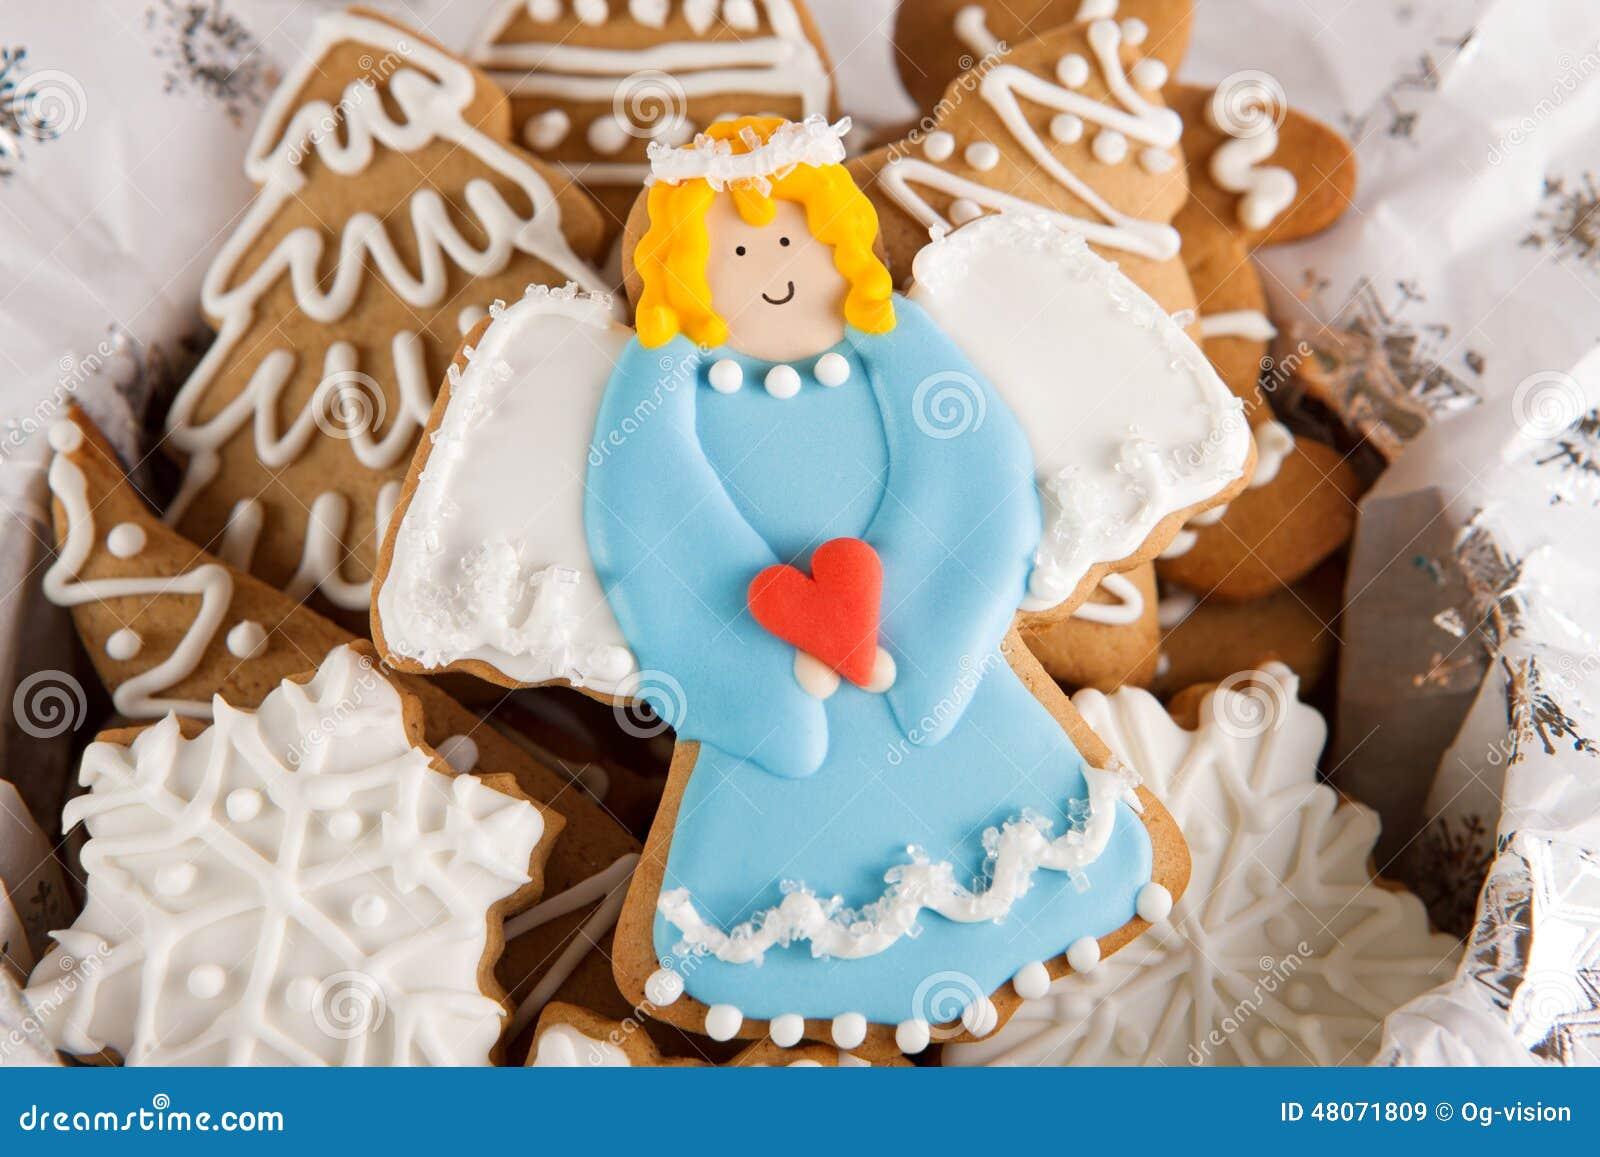 Angel Cookie Stock Image Image Of Cookies Cookie Sugar 48071809